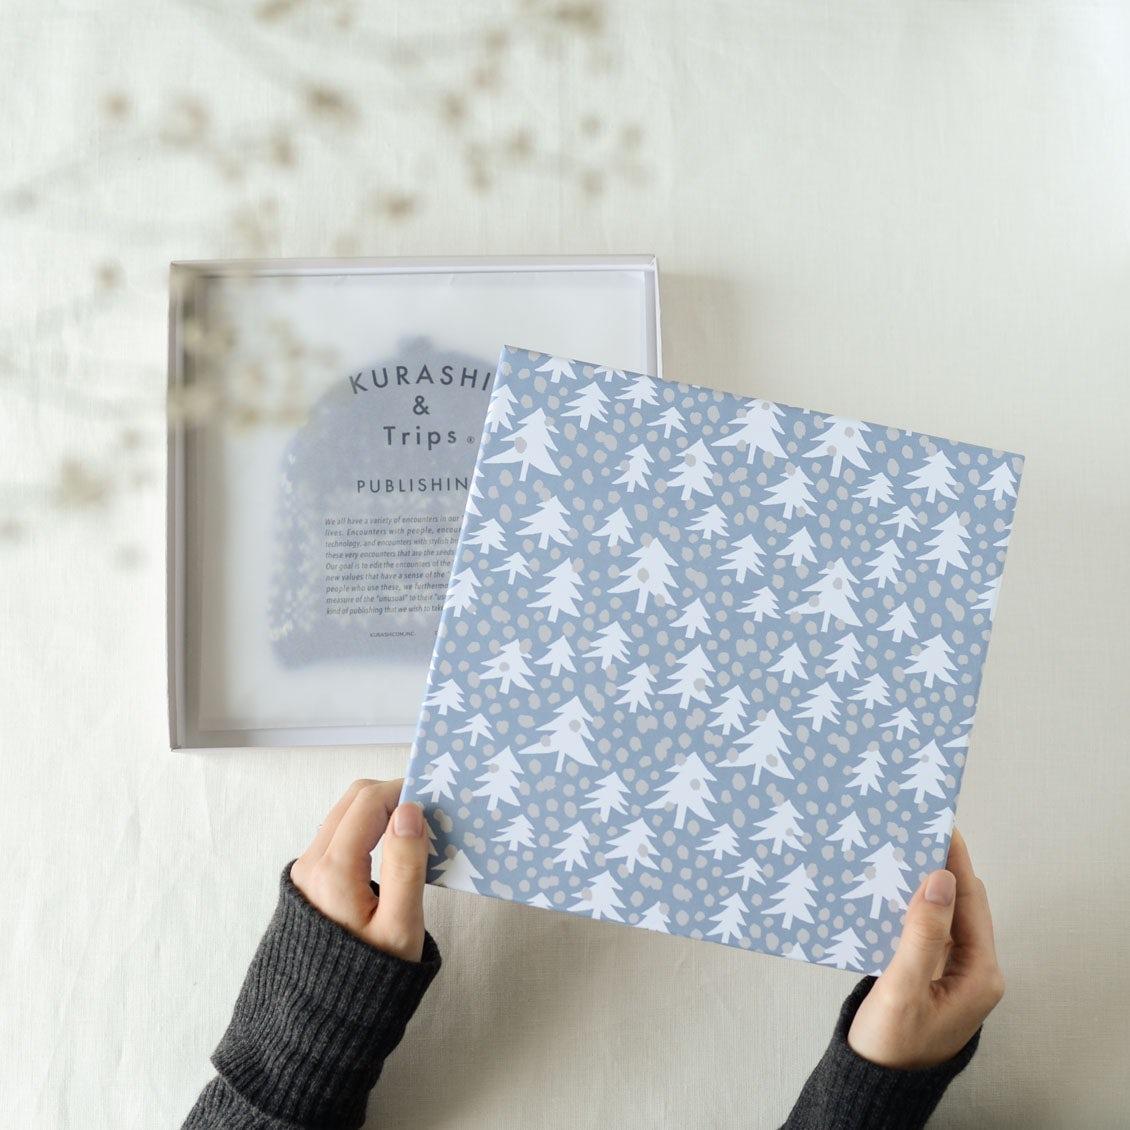 【新商品】冬の特別企画!当店初のオリジナル「X'masギフトボックス」を作りました。